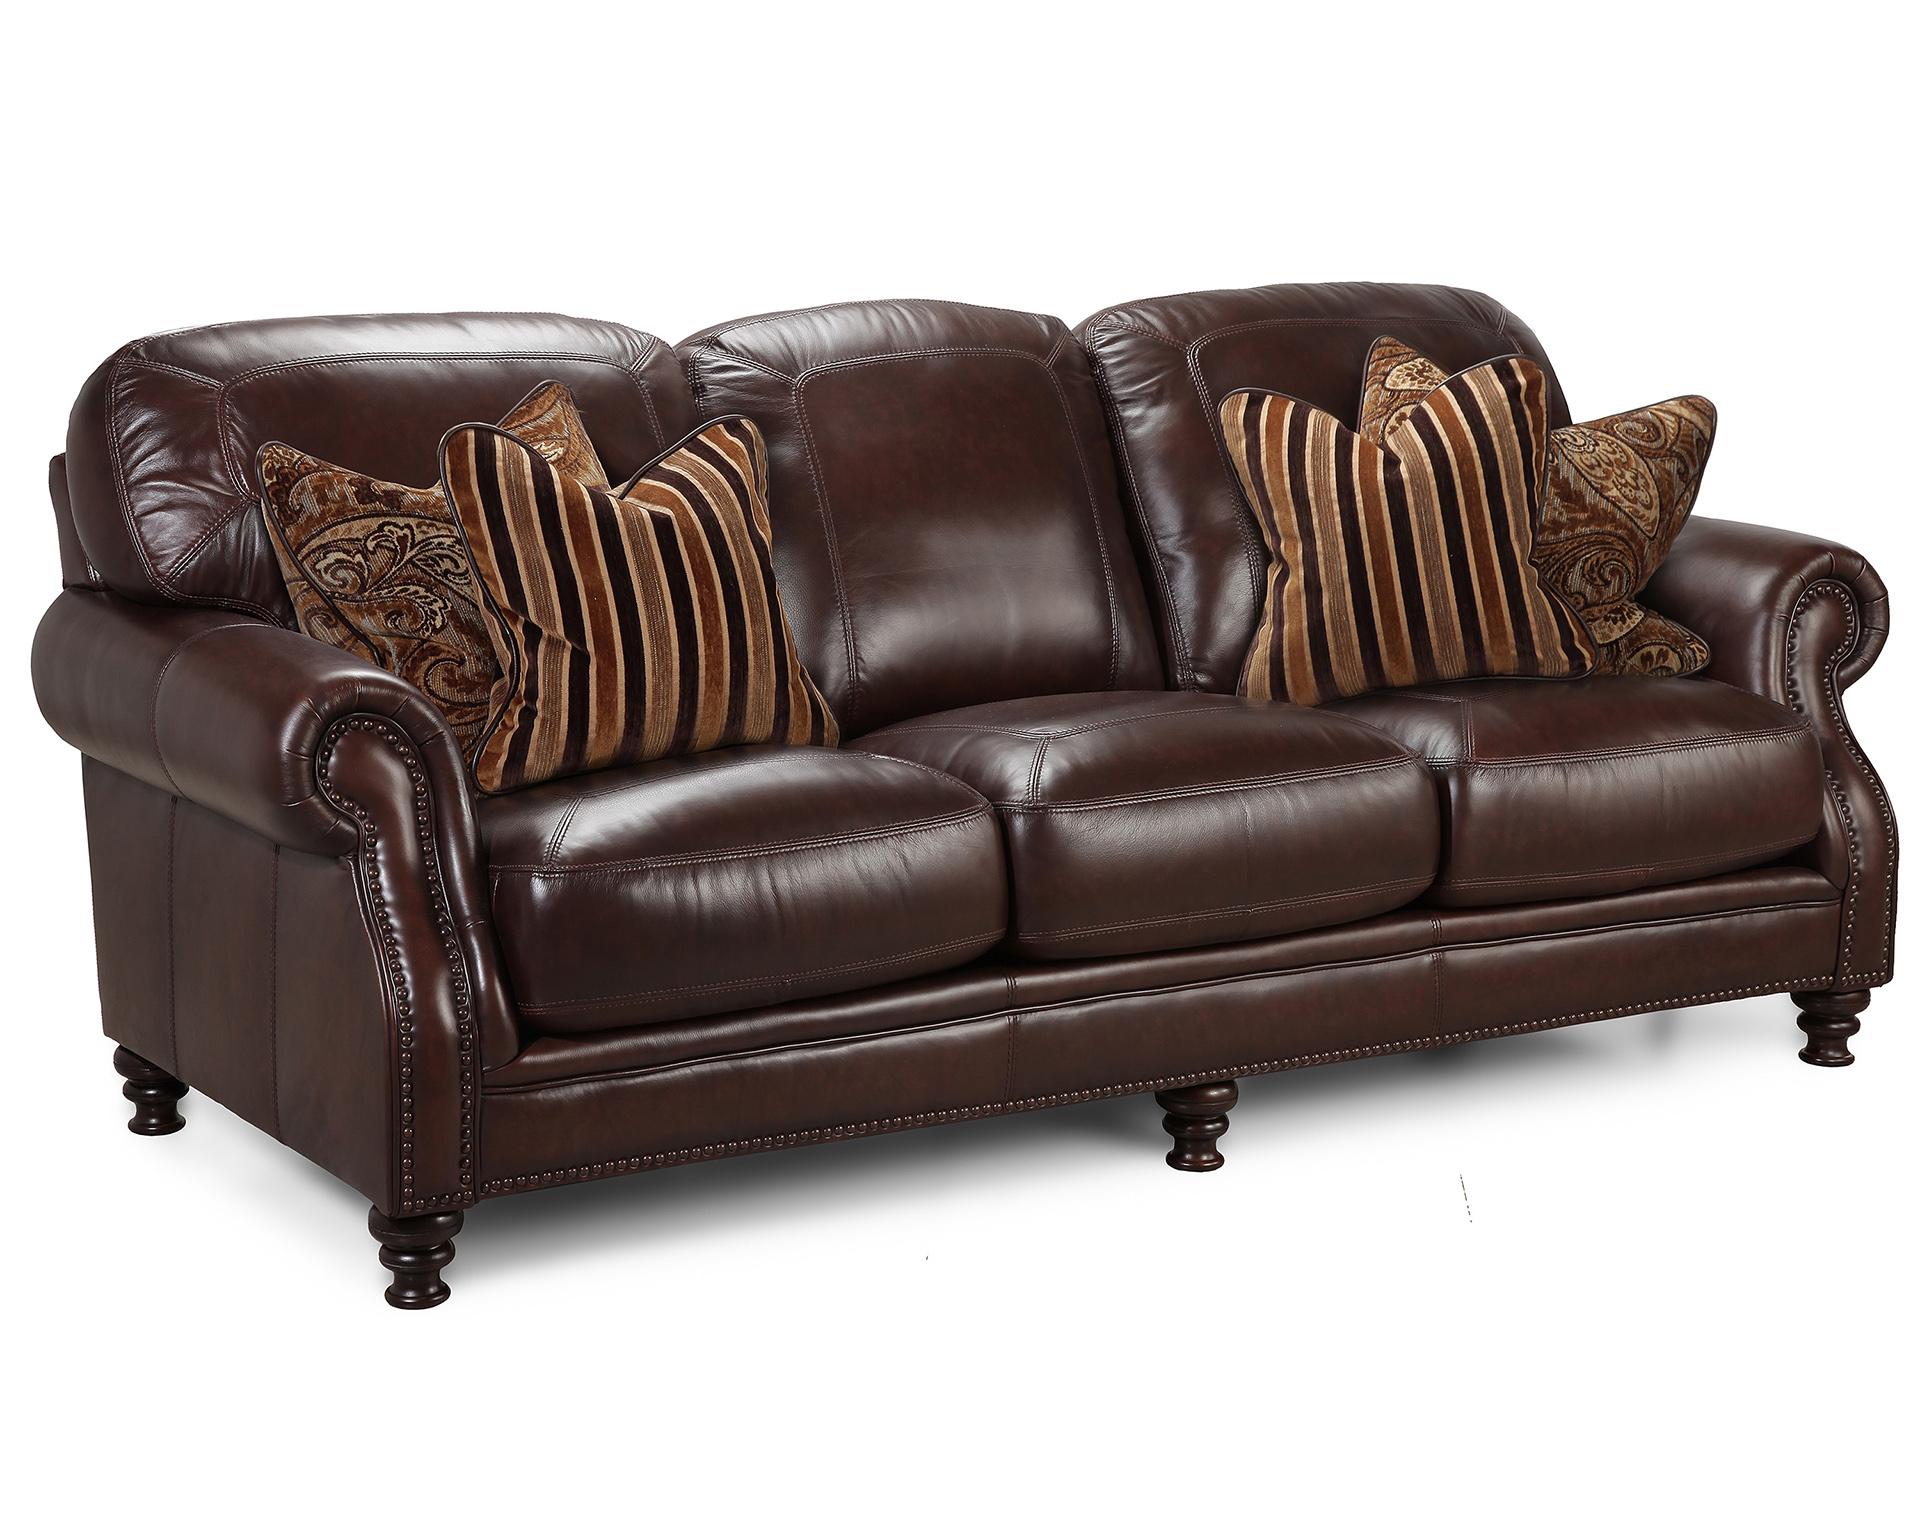 Castleton Sofa